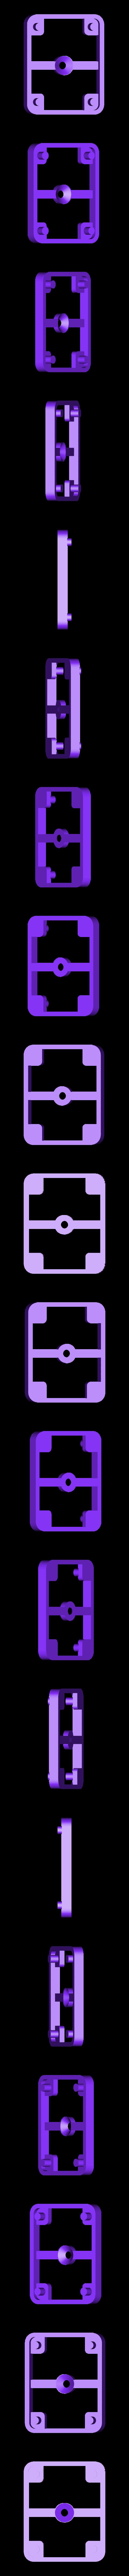 relay_holder_a.stl Télécharger fichier STL gratuit Plaque de montage pour le module relais Arduino • Plan à imprimer en 3D, glassy